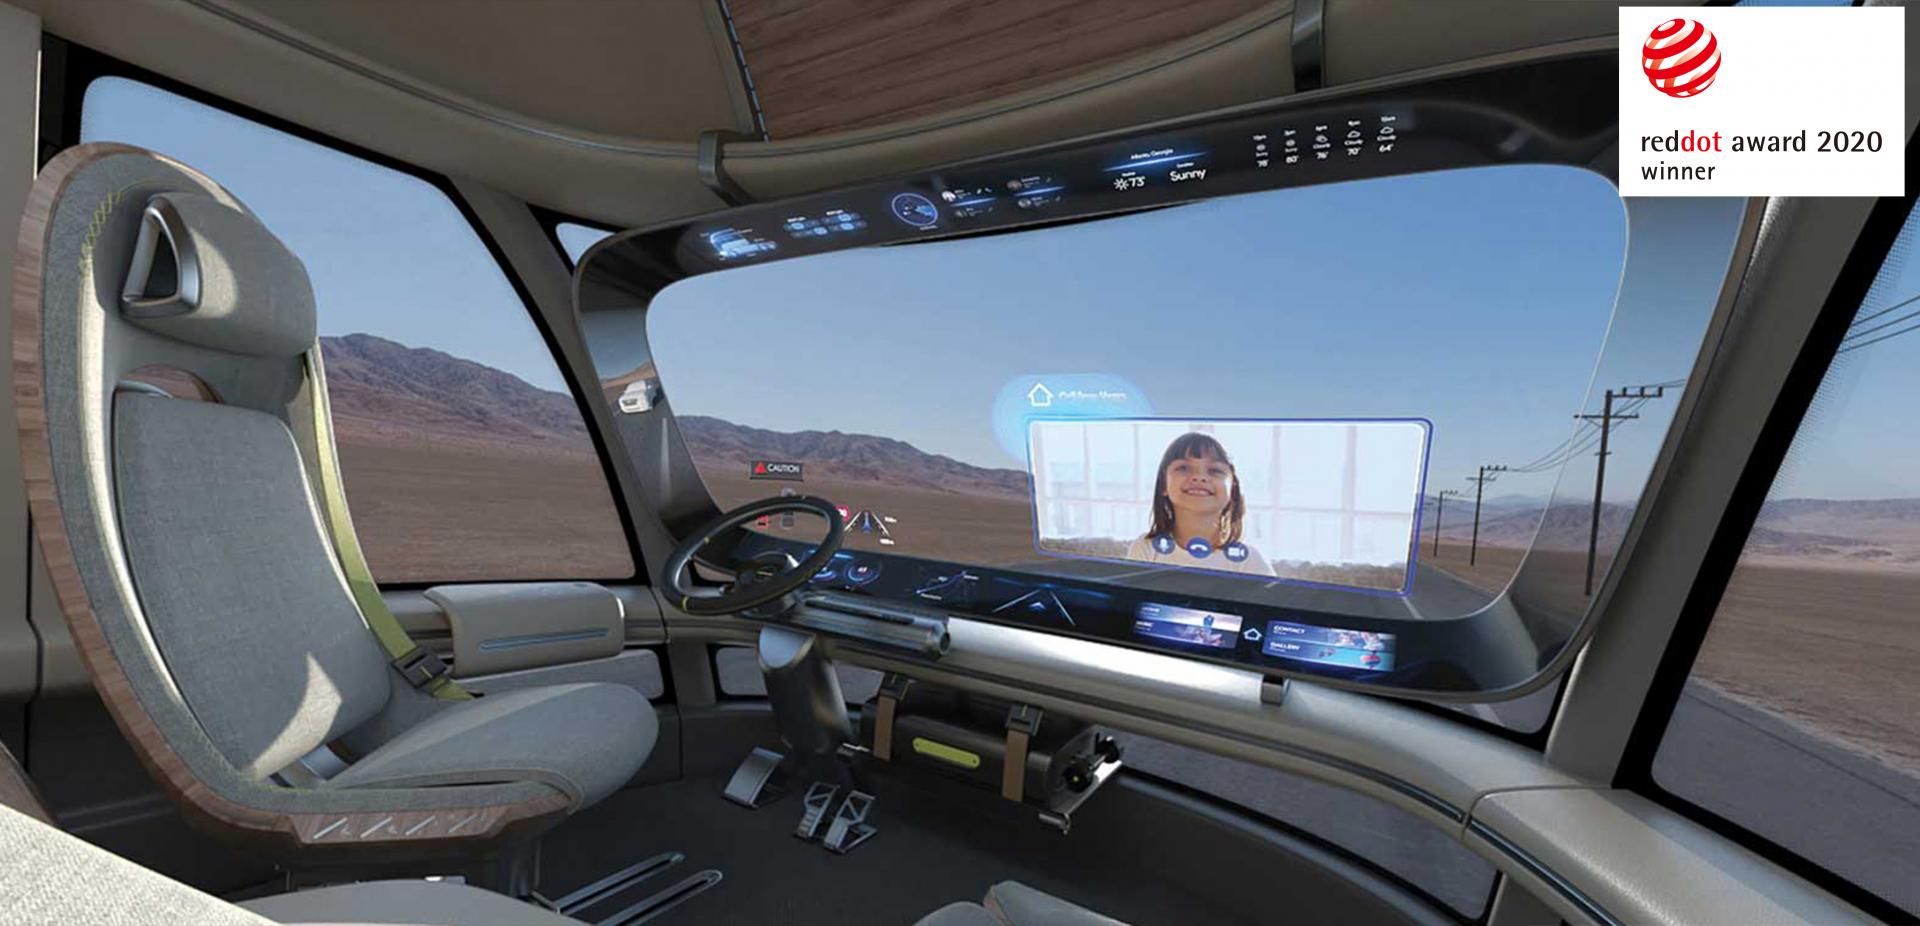 Компанія Hyundai Motor отримала три нагороди Red Dot Award 2020 за концептуальний дизайн | Богдан-Авто Черкаси - фото 12